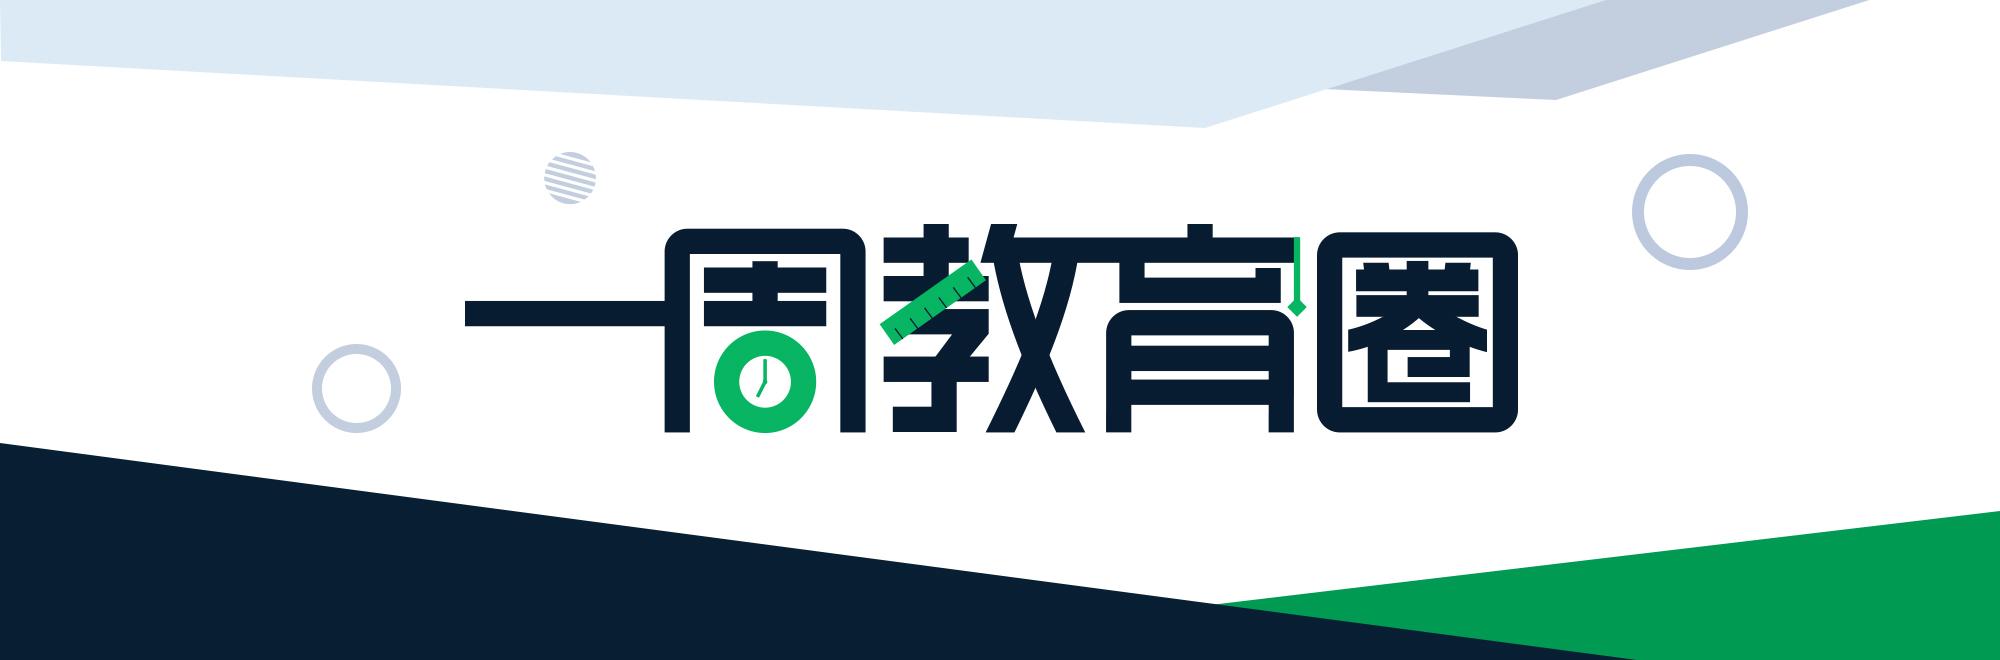 一周教育圈|教育部要求做好疫情防控工作,北京市2020年高考方案出炉